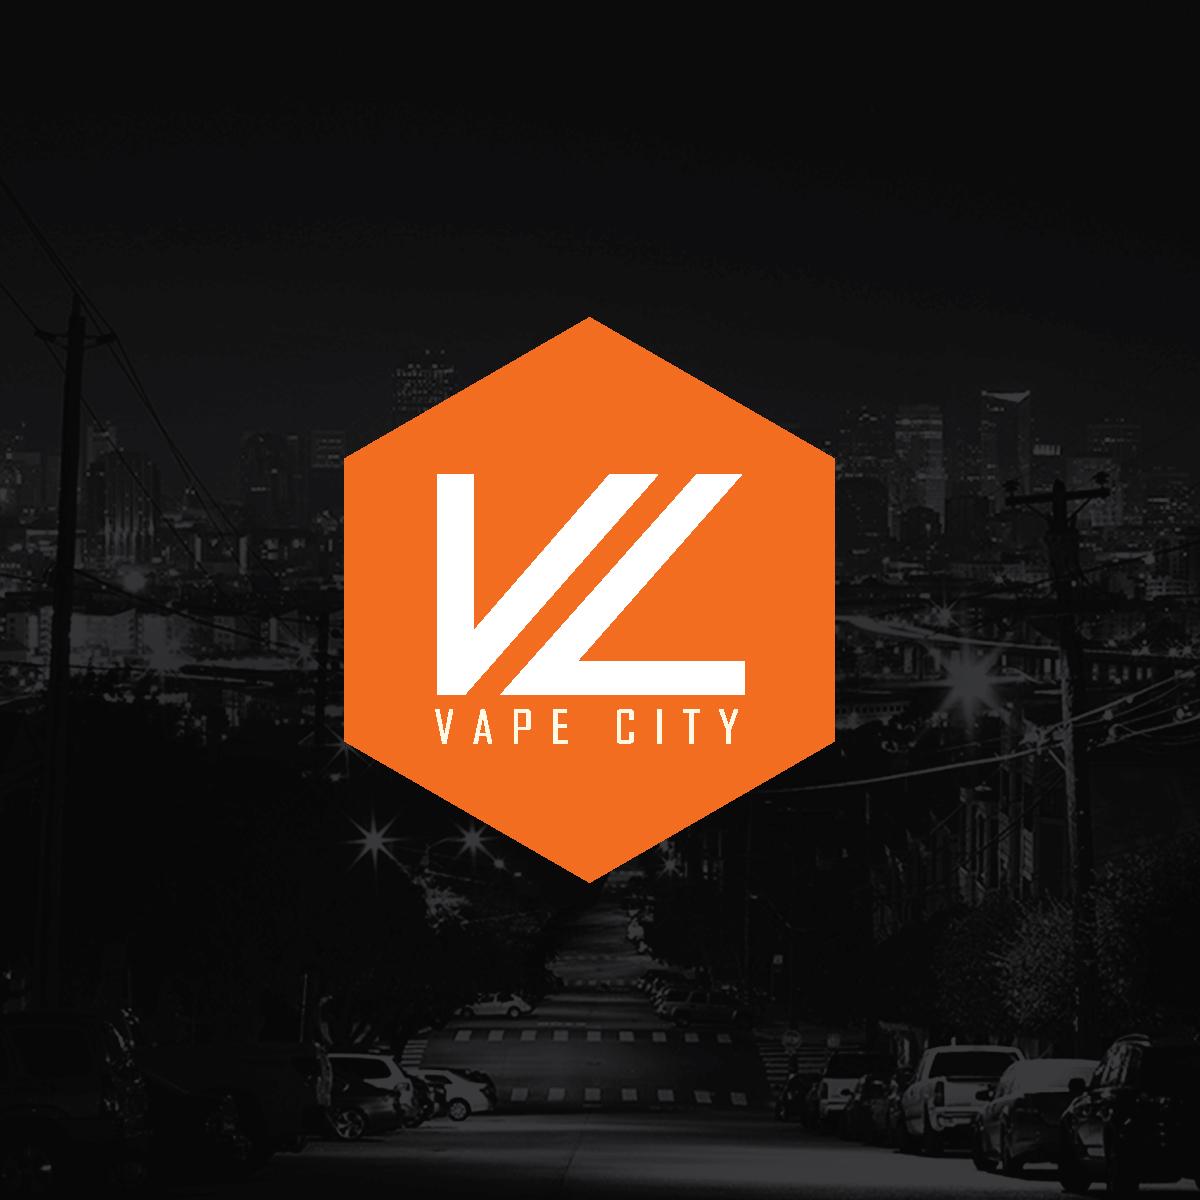 vapeCity_final-03